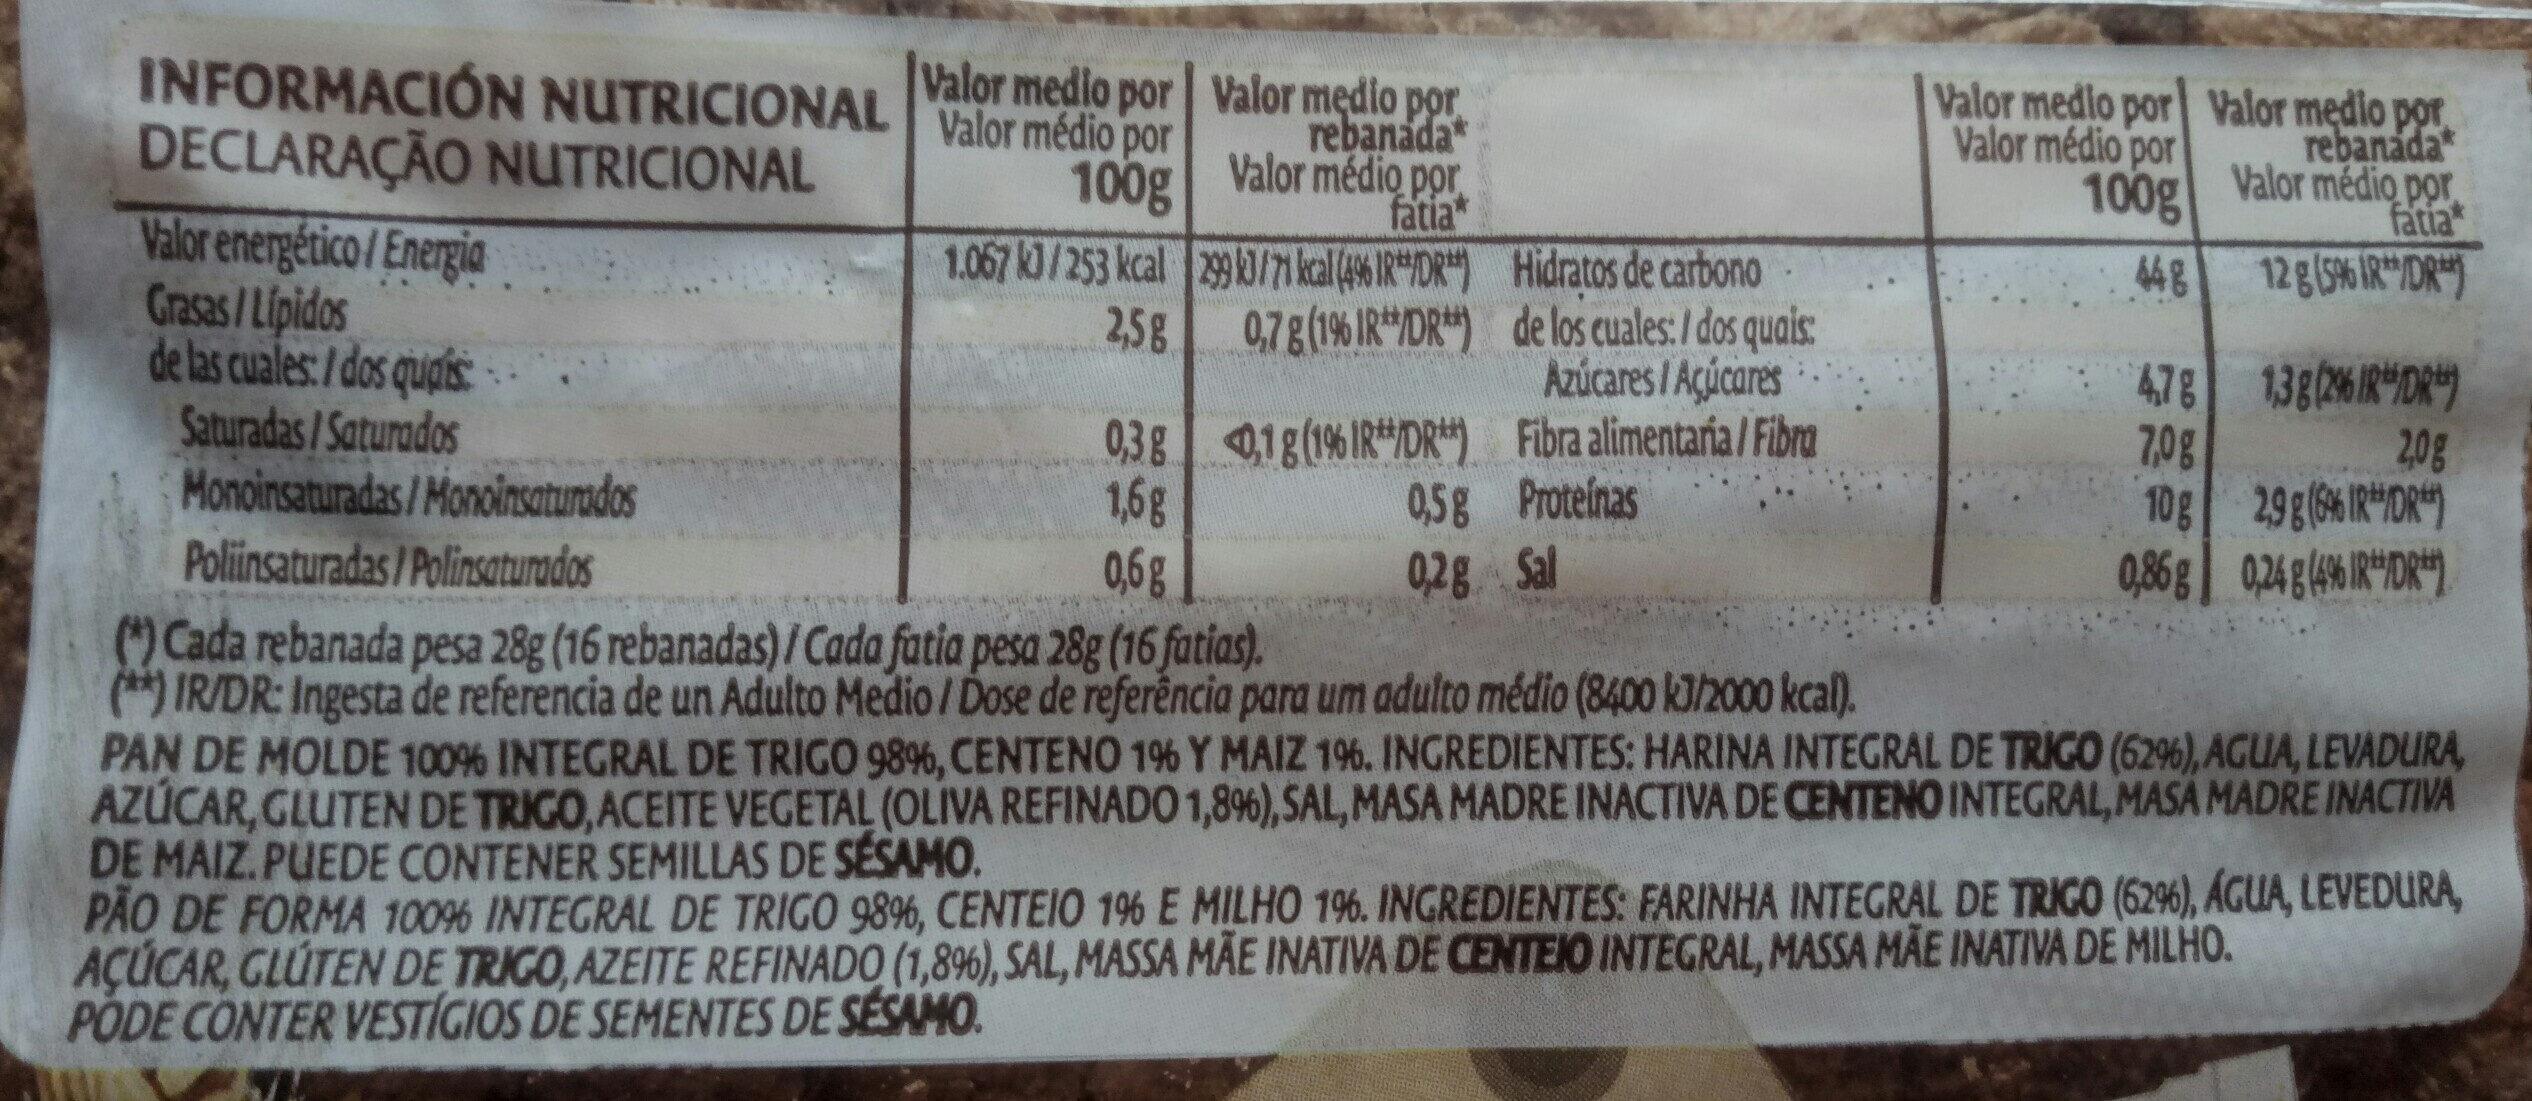 Bimbo integral Natural 100% - Ingredientes - es